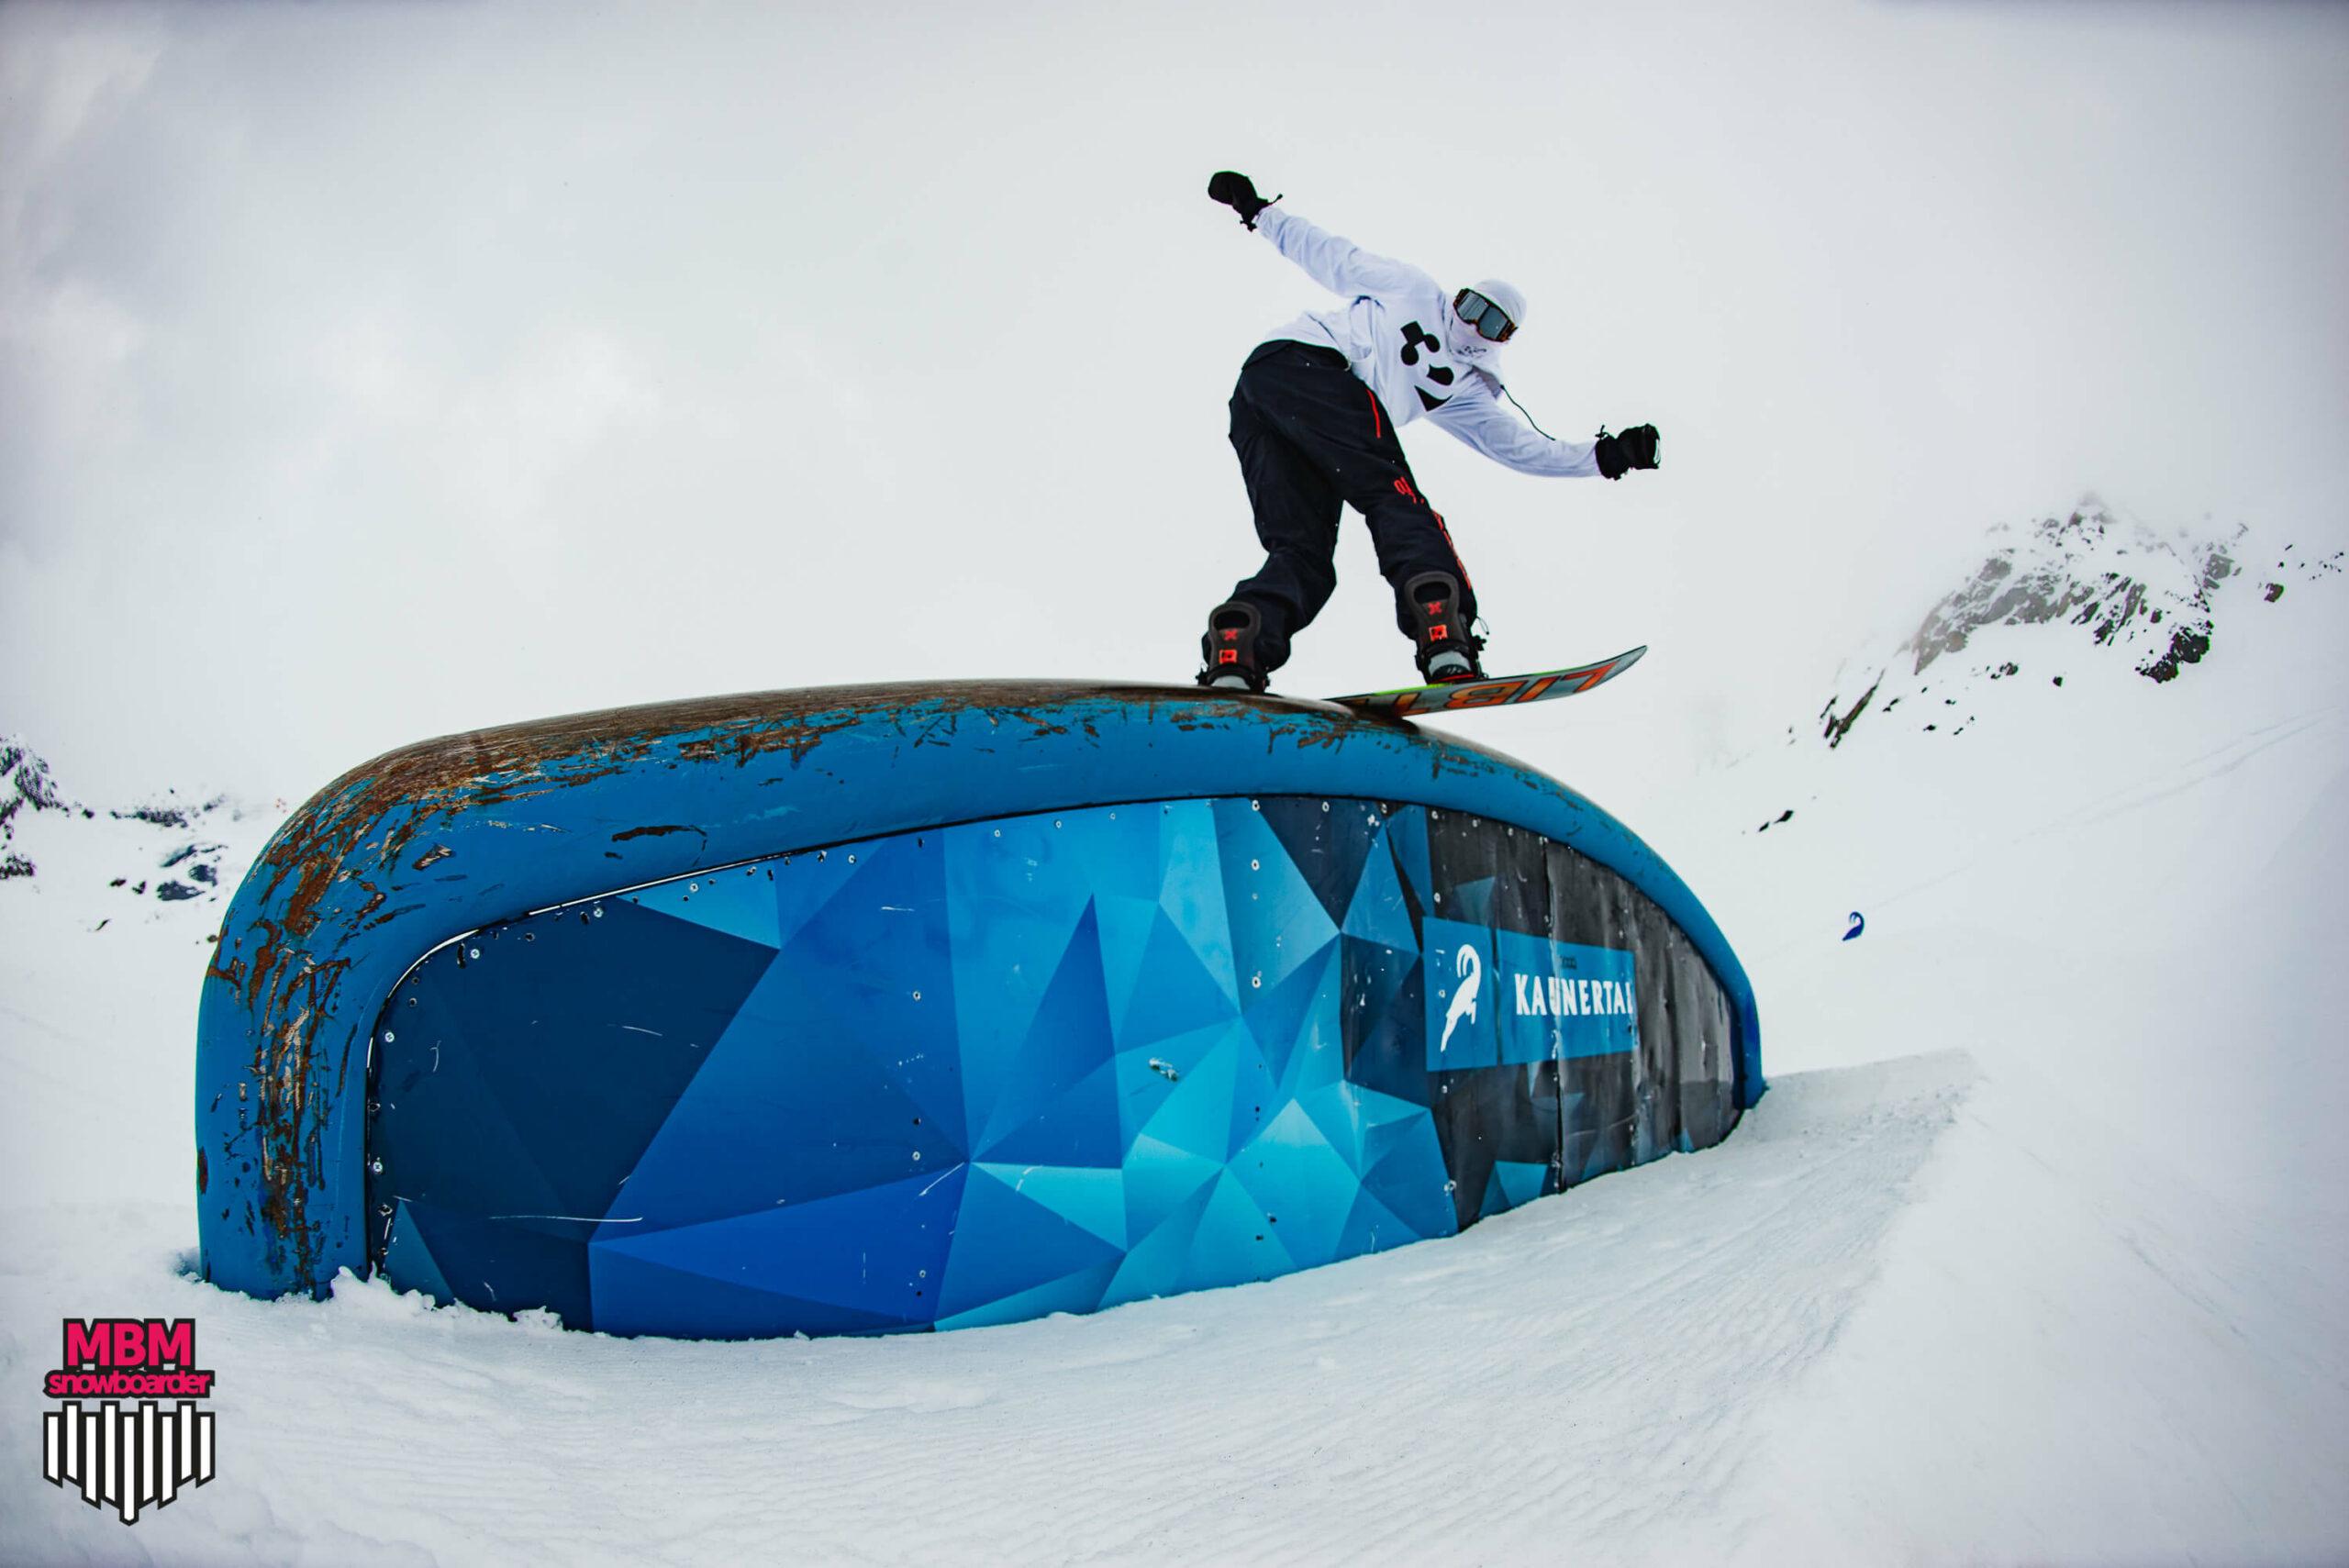 snowboarderMBM_sd_kaunertal_084